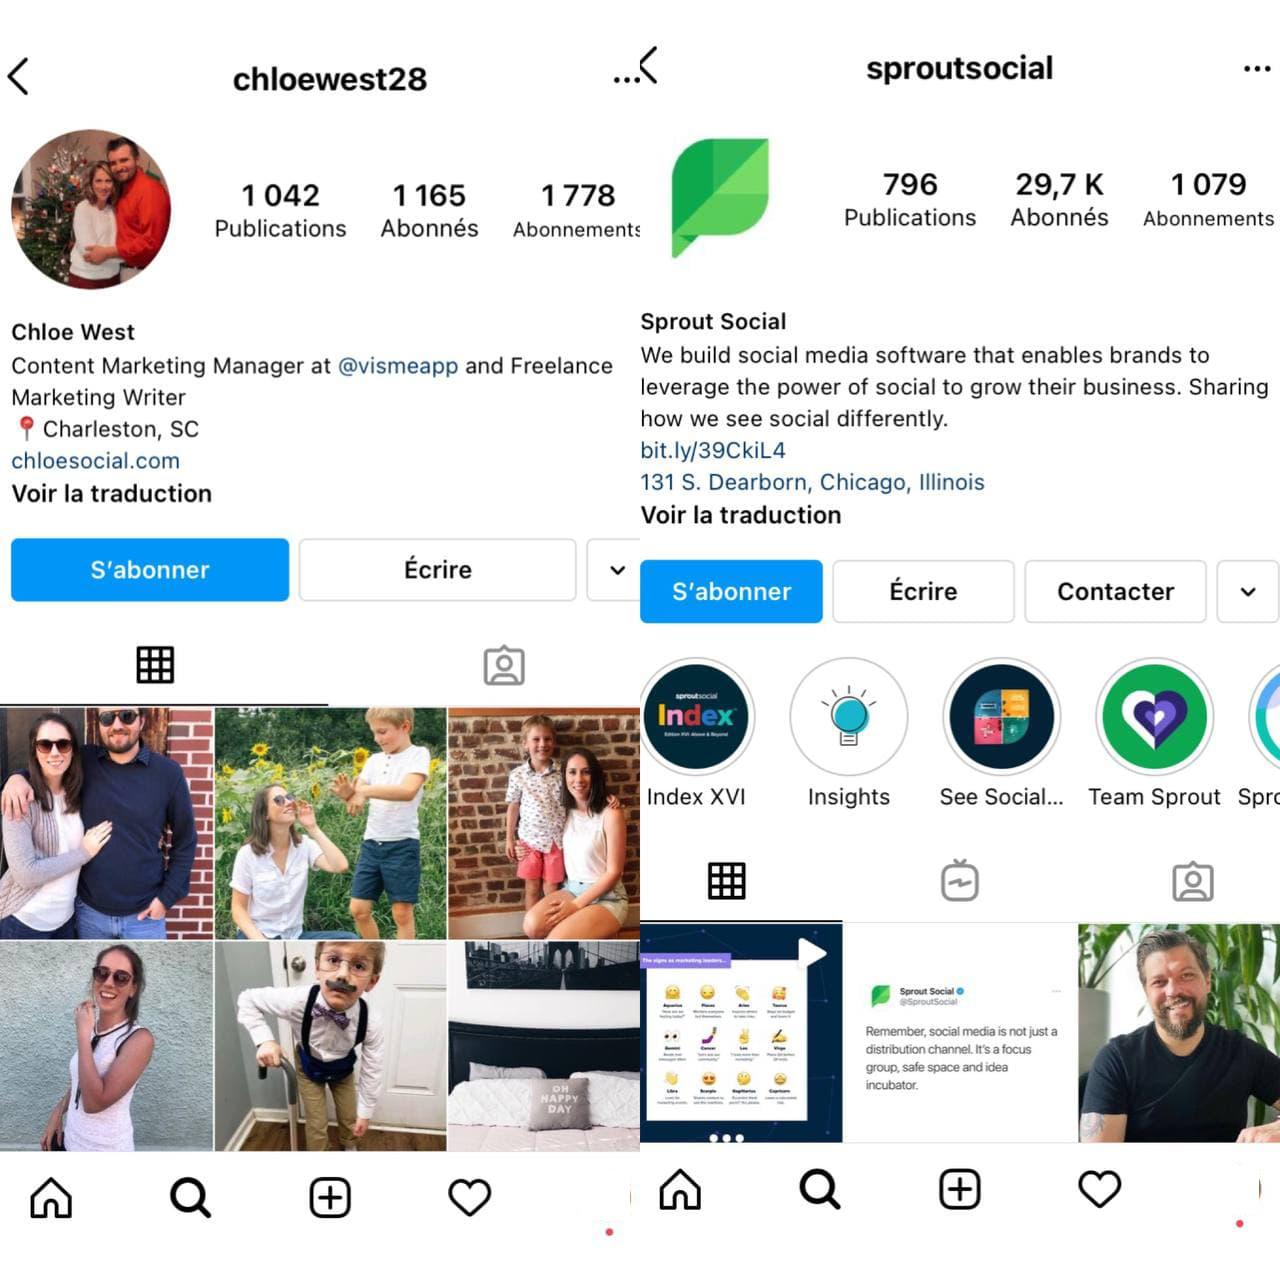 Avantages et caractéristiques d'un compte professionnel Instagram - image 3